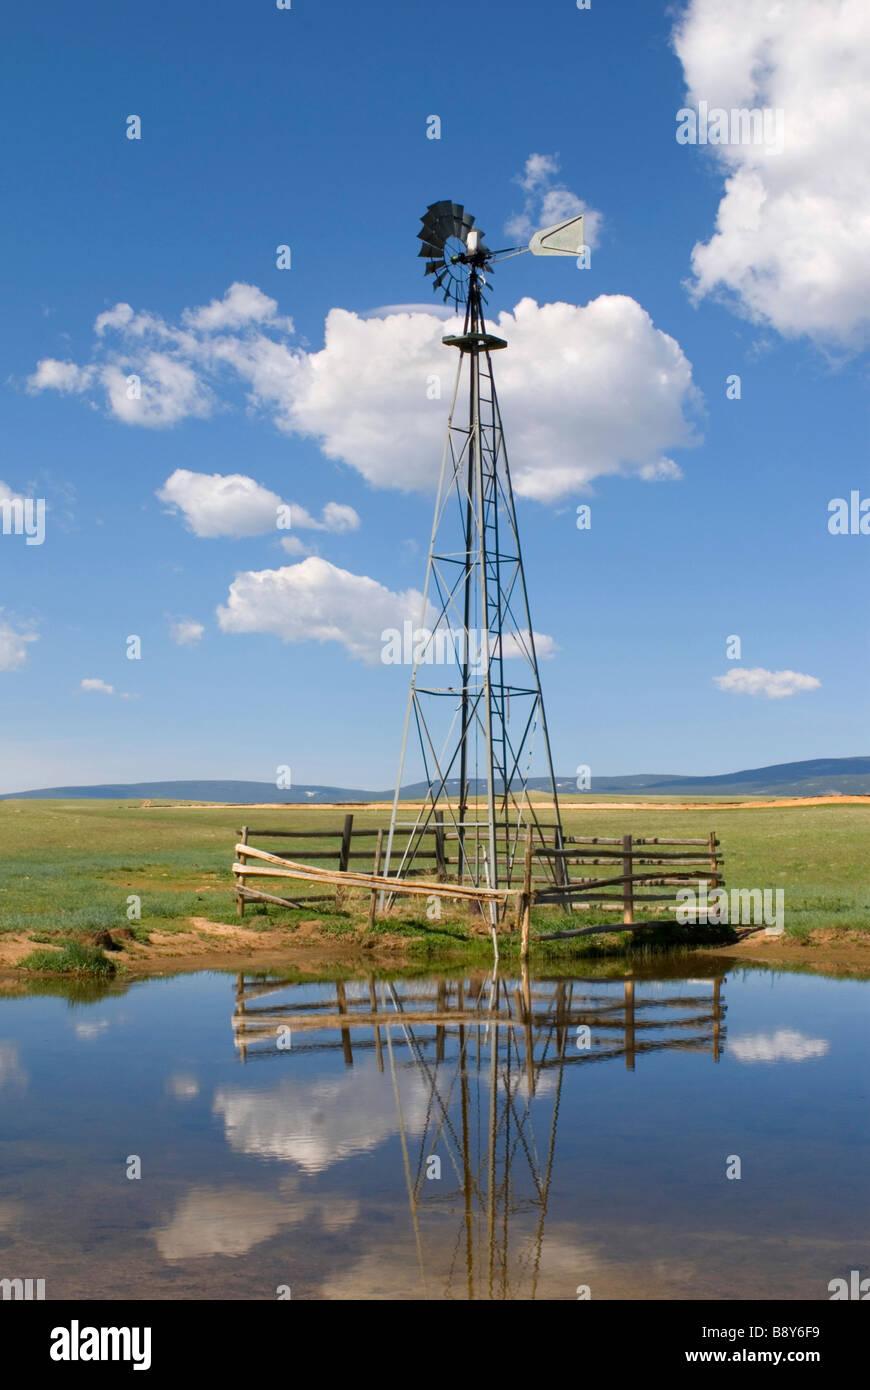 Reflet d'un moulin à eau, Wyoming, USA Photo Stock